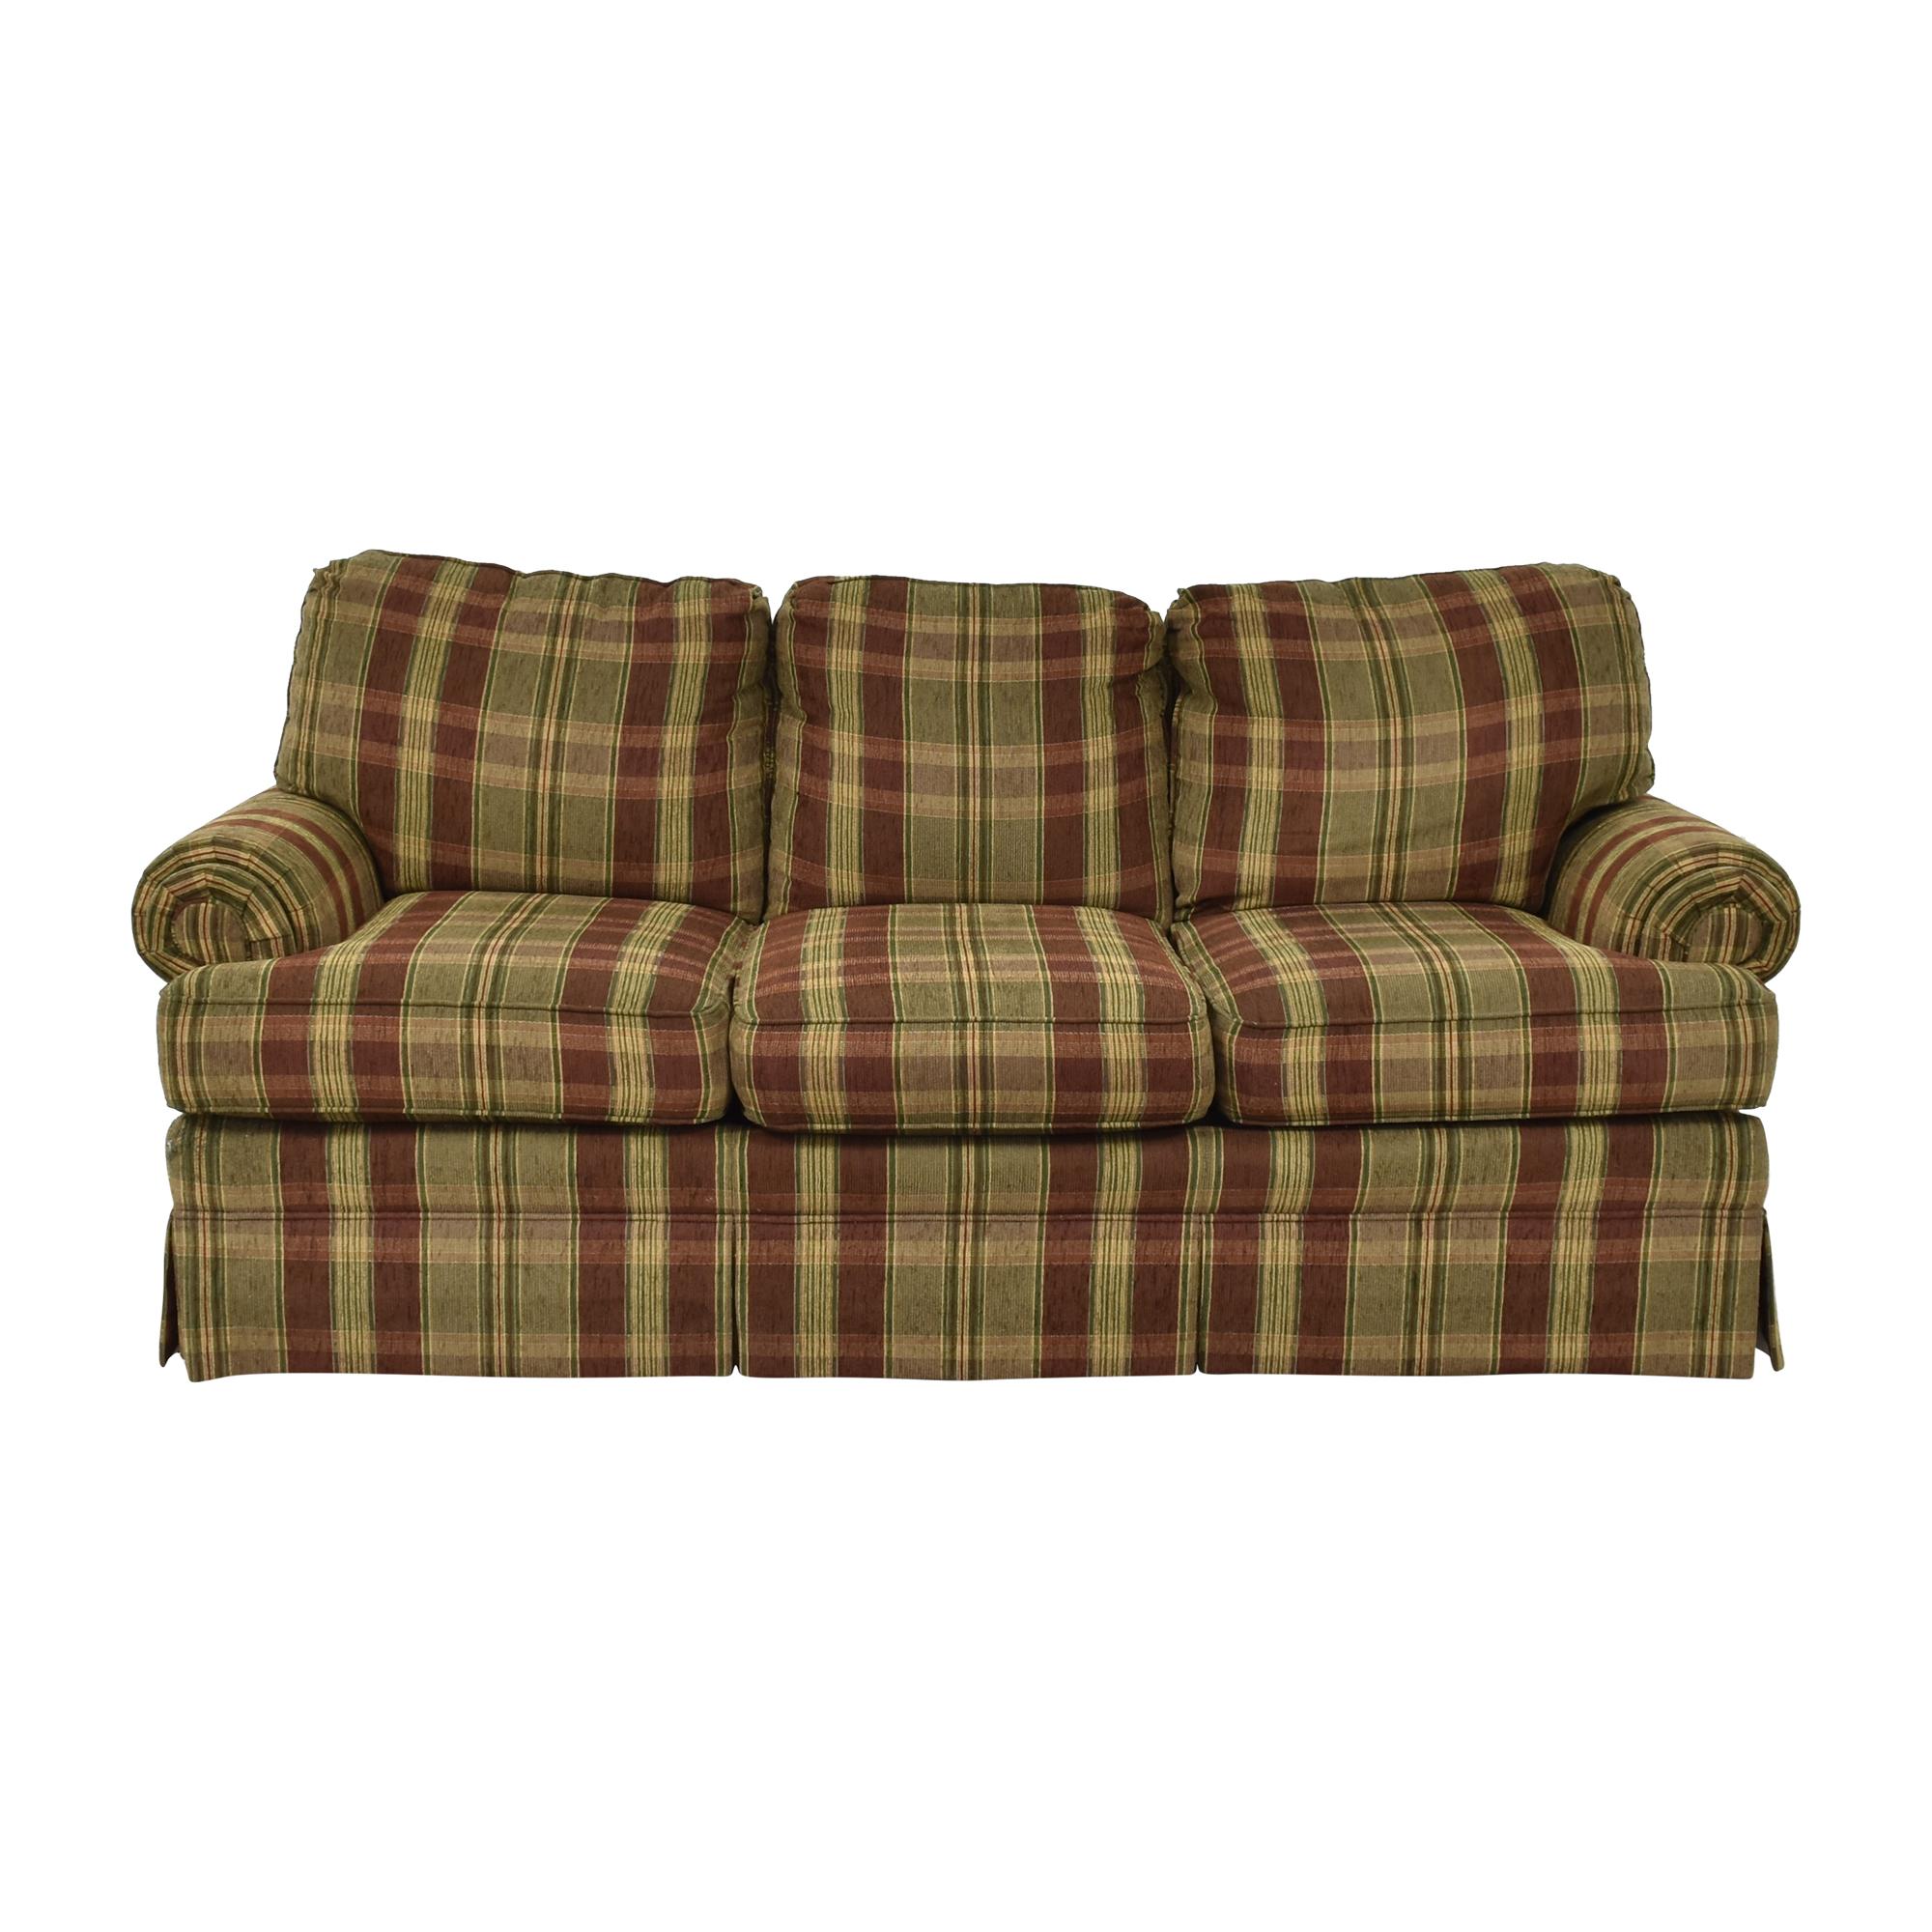 Thomasville Thomasville Plaid Skirted Sofa ma